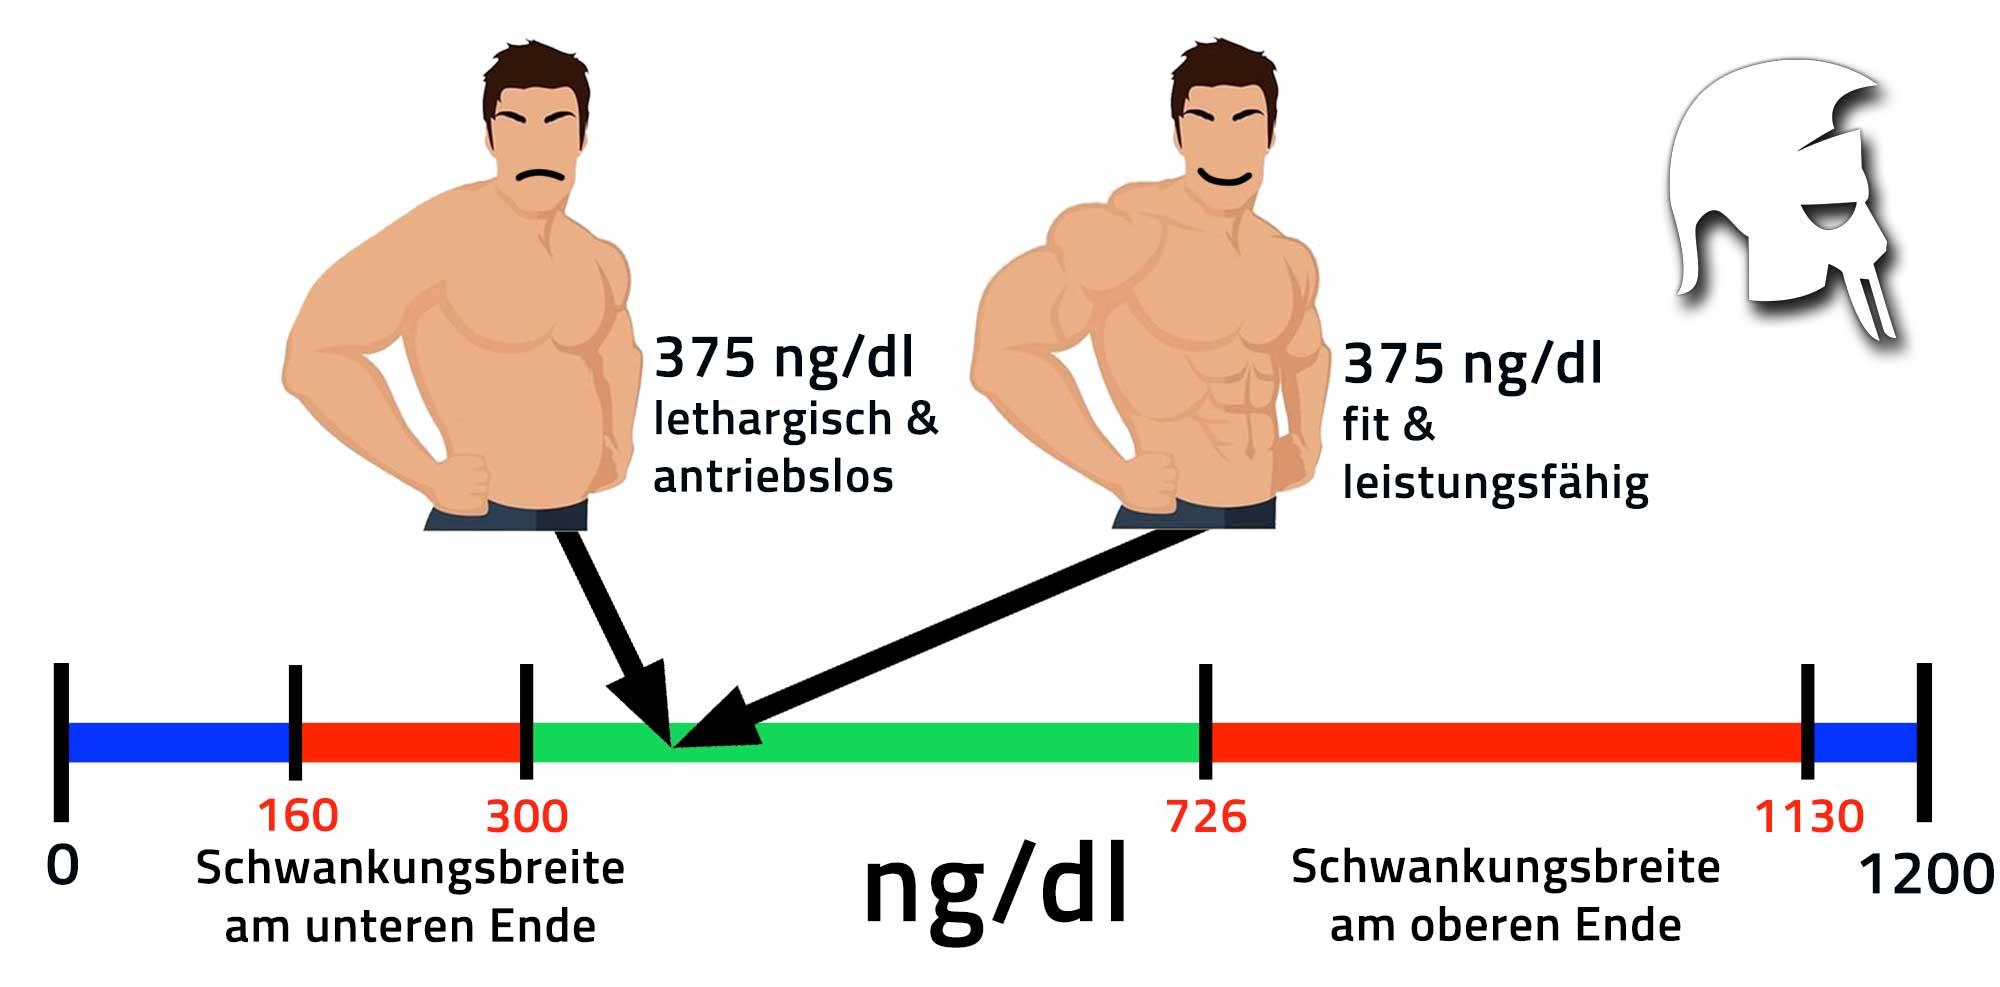 Testosteronspiegel natural steigern